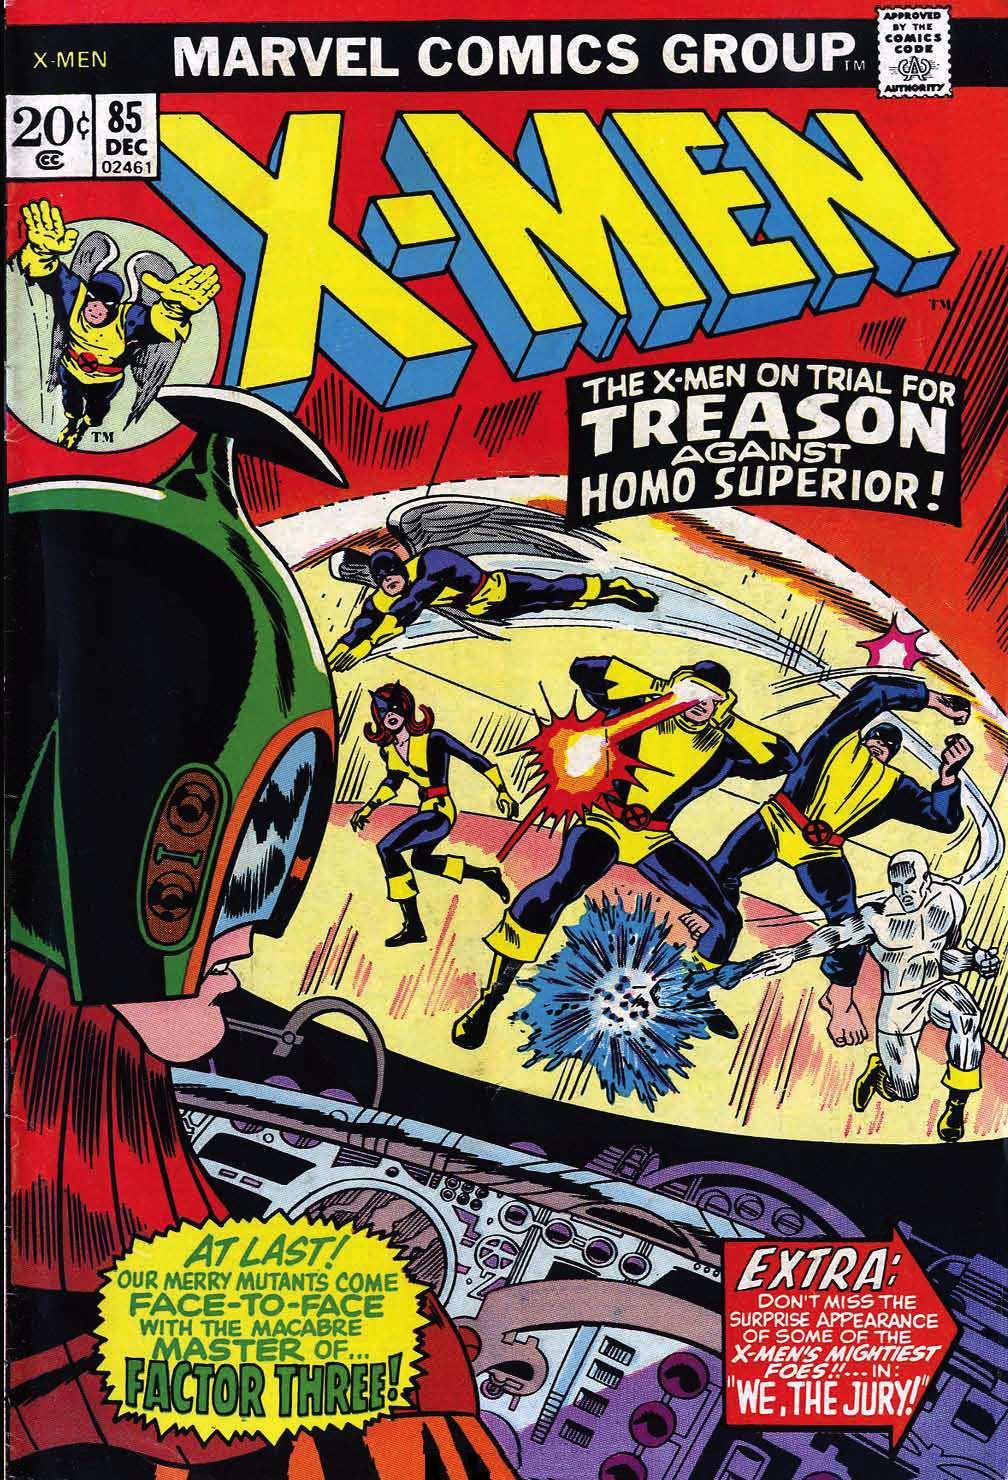 Uncanny X-Men (1963) 85 Page 1